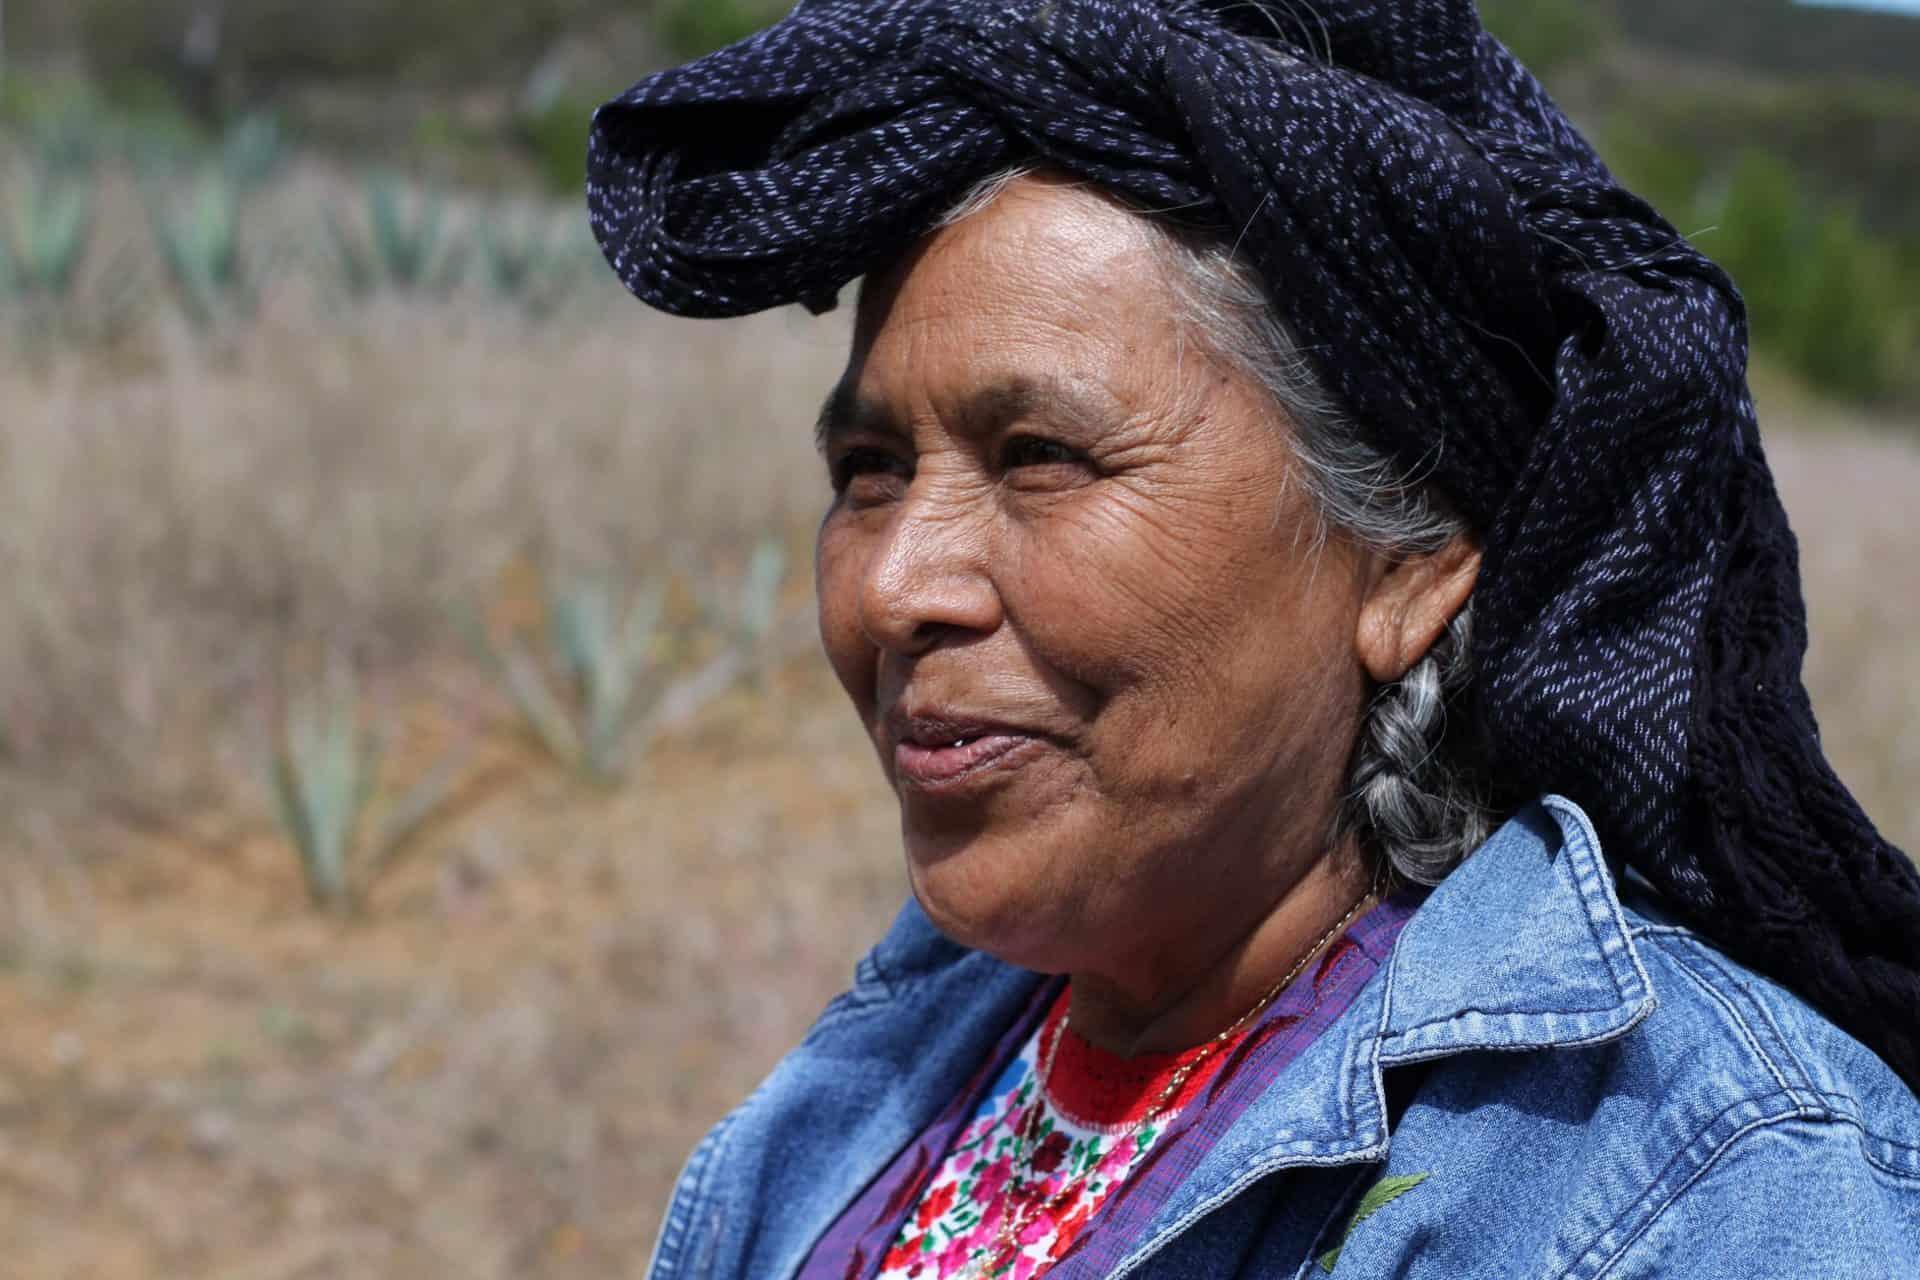 Berta Vasquez